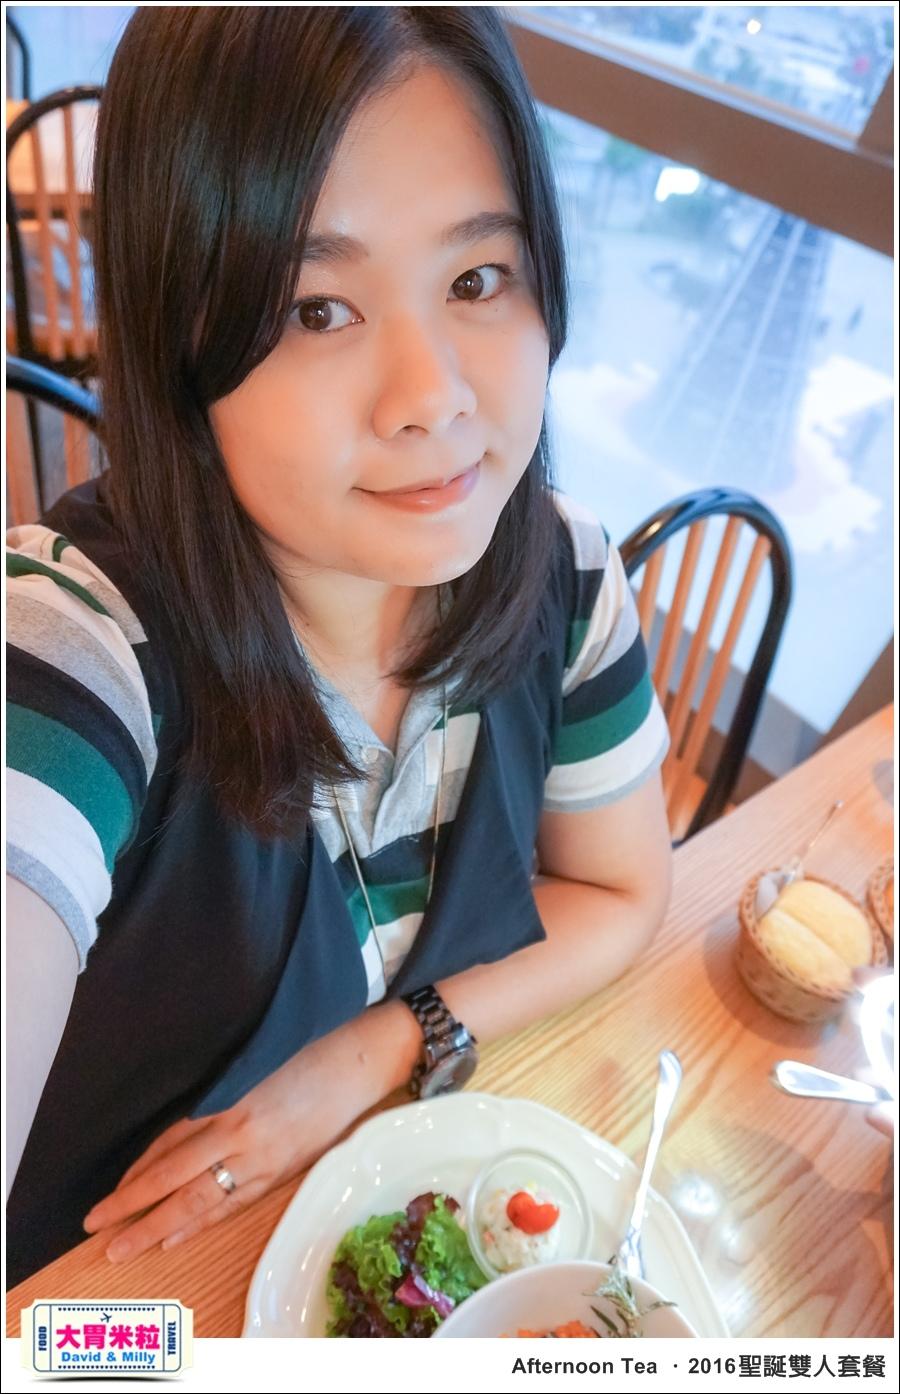 高雄午茶餐廳推薦@高雄夢時代 Afternoon Tea 2016聖誕雙人套餐 @大胃米粒0042.jpg